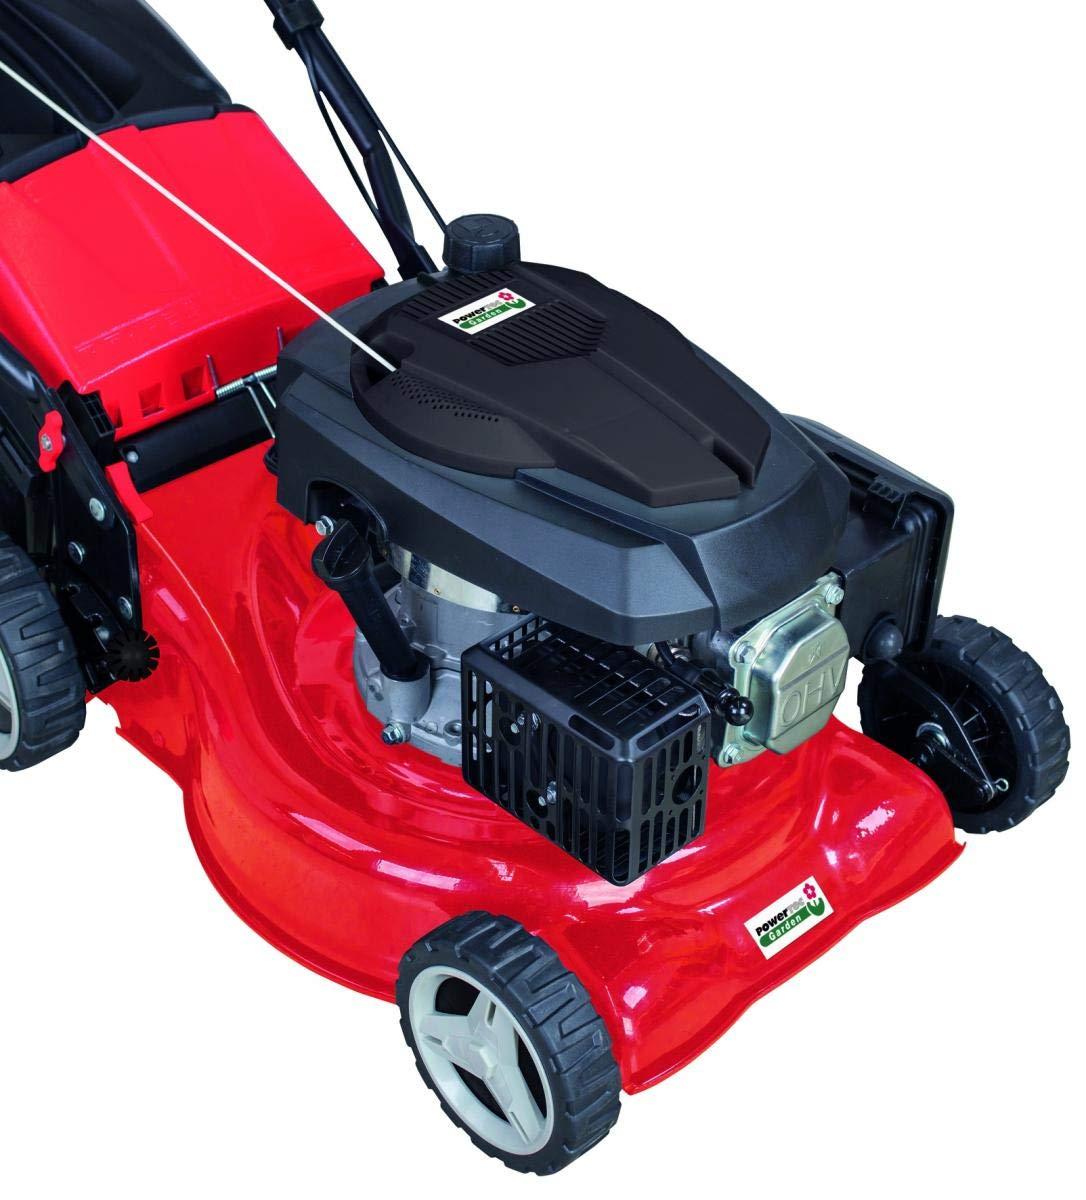 Powertec Benzin-Rasenm/äher mit Radantrieb SPLM42